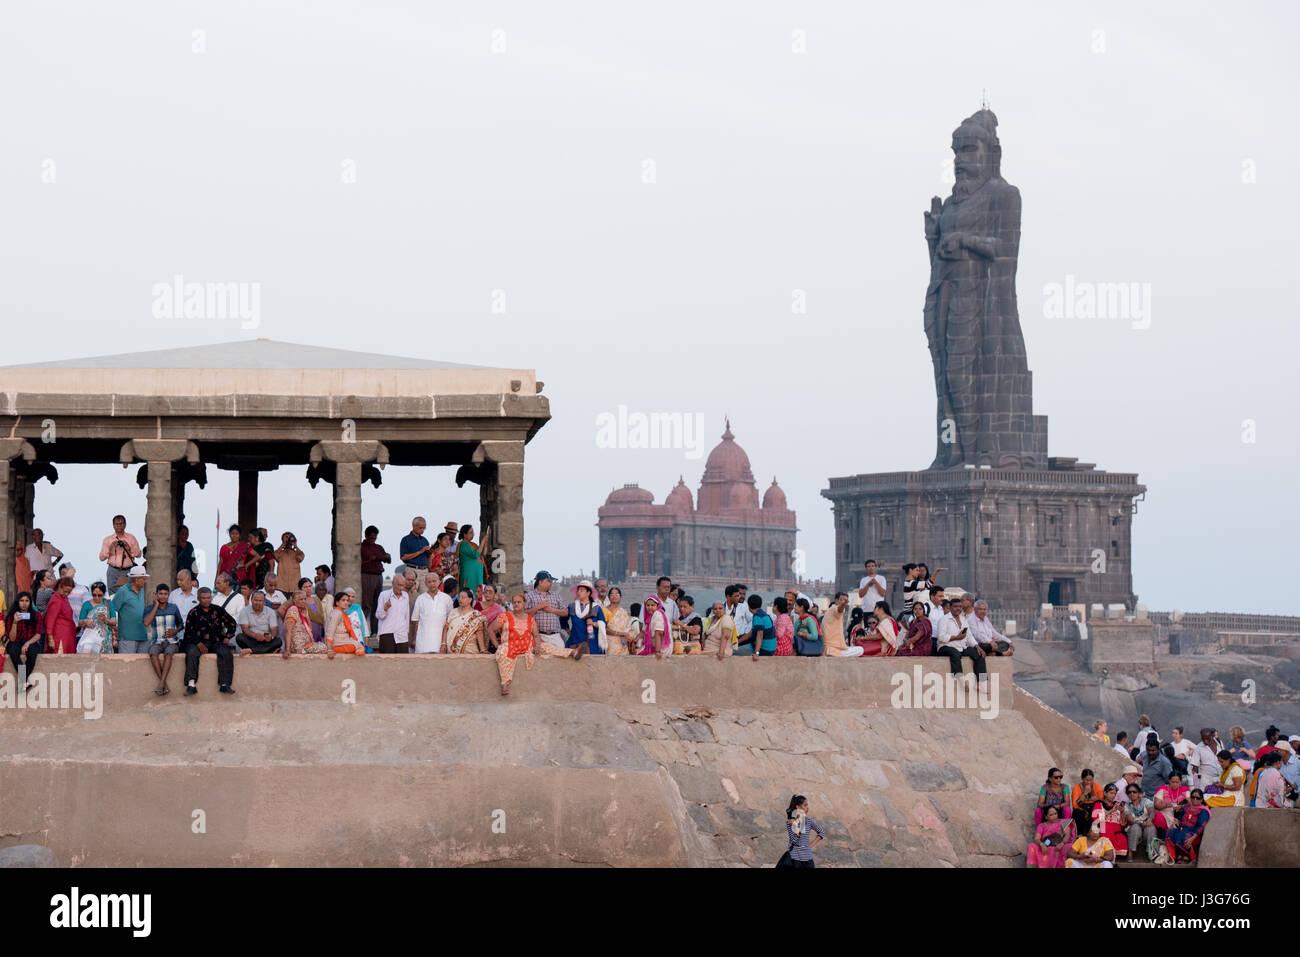 Multitudes de personas disfrutando de la puesta de sol delante de la estatua de Thiruvalluvar en Kanyakumari, India Imagen De Stock